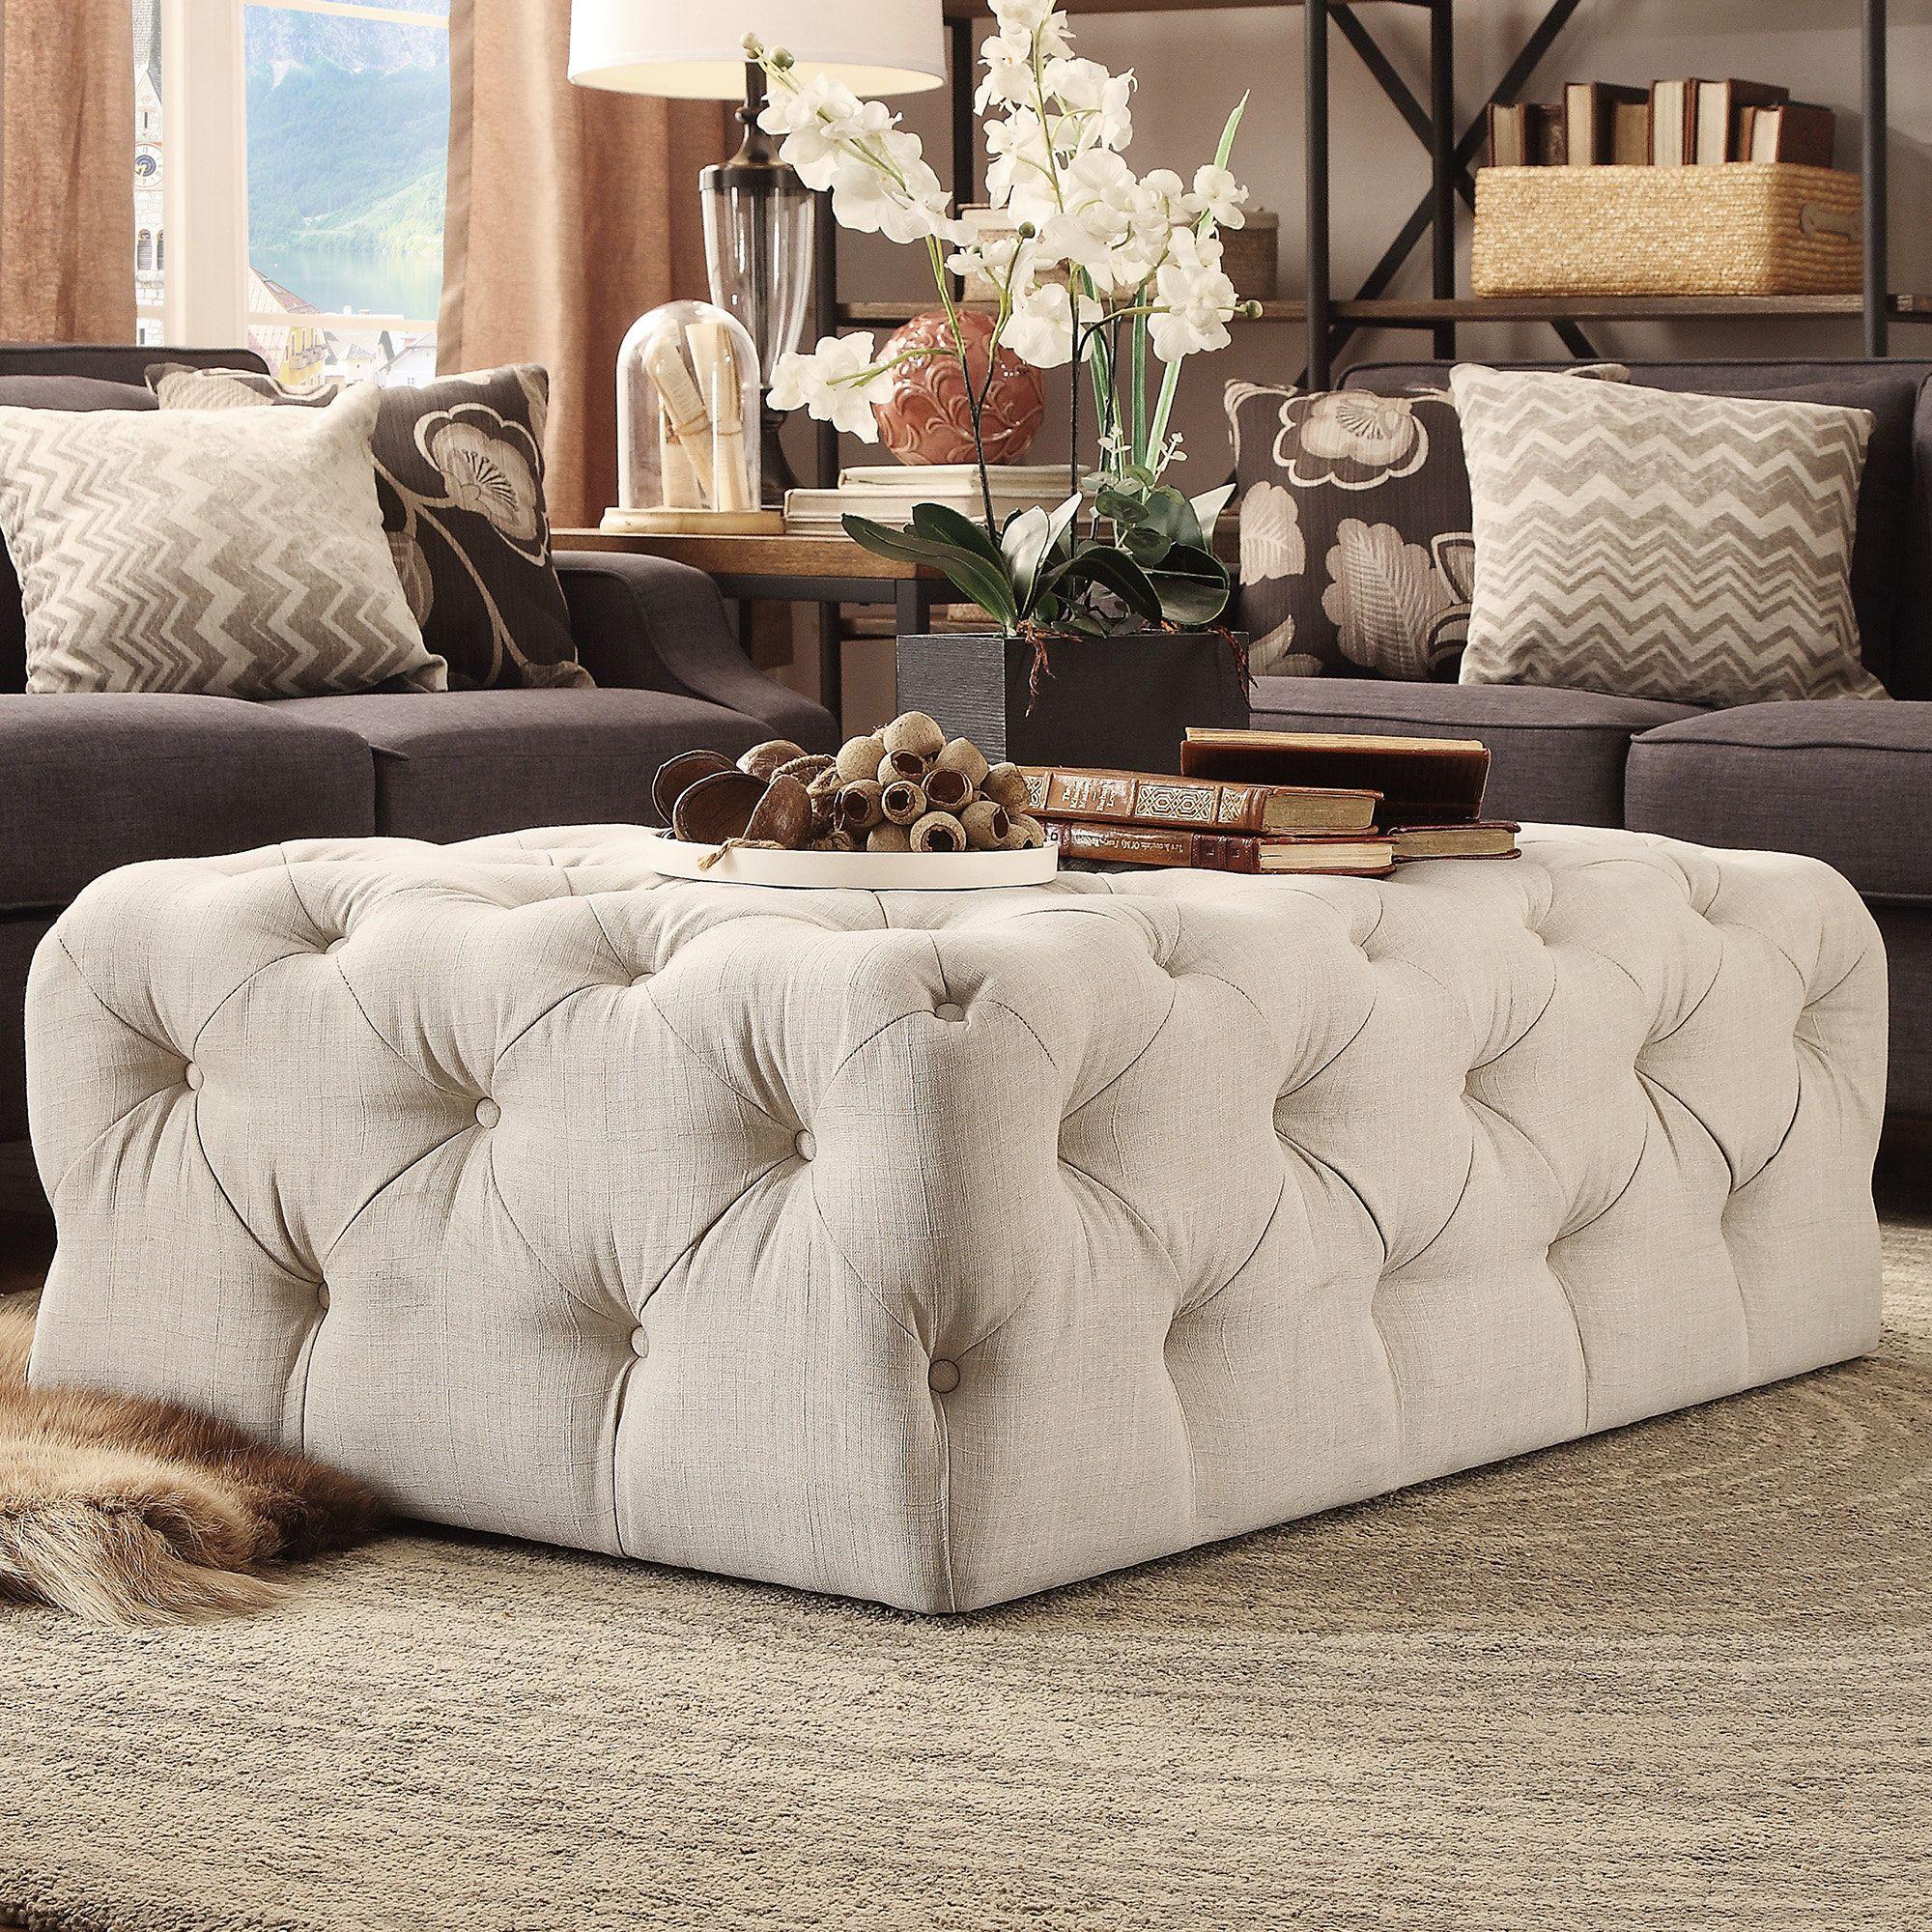 Reid Tufted Ottoman | Furniture | Pinterest | Centro y Mesas